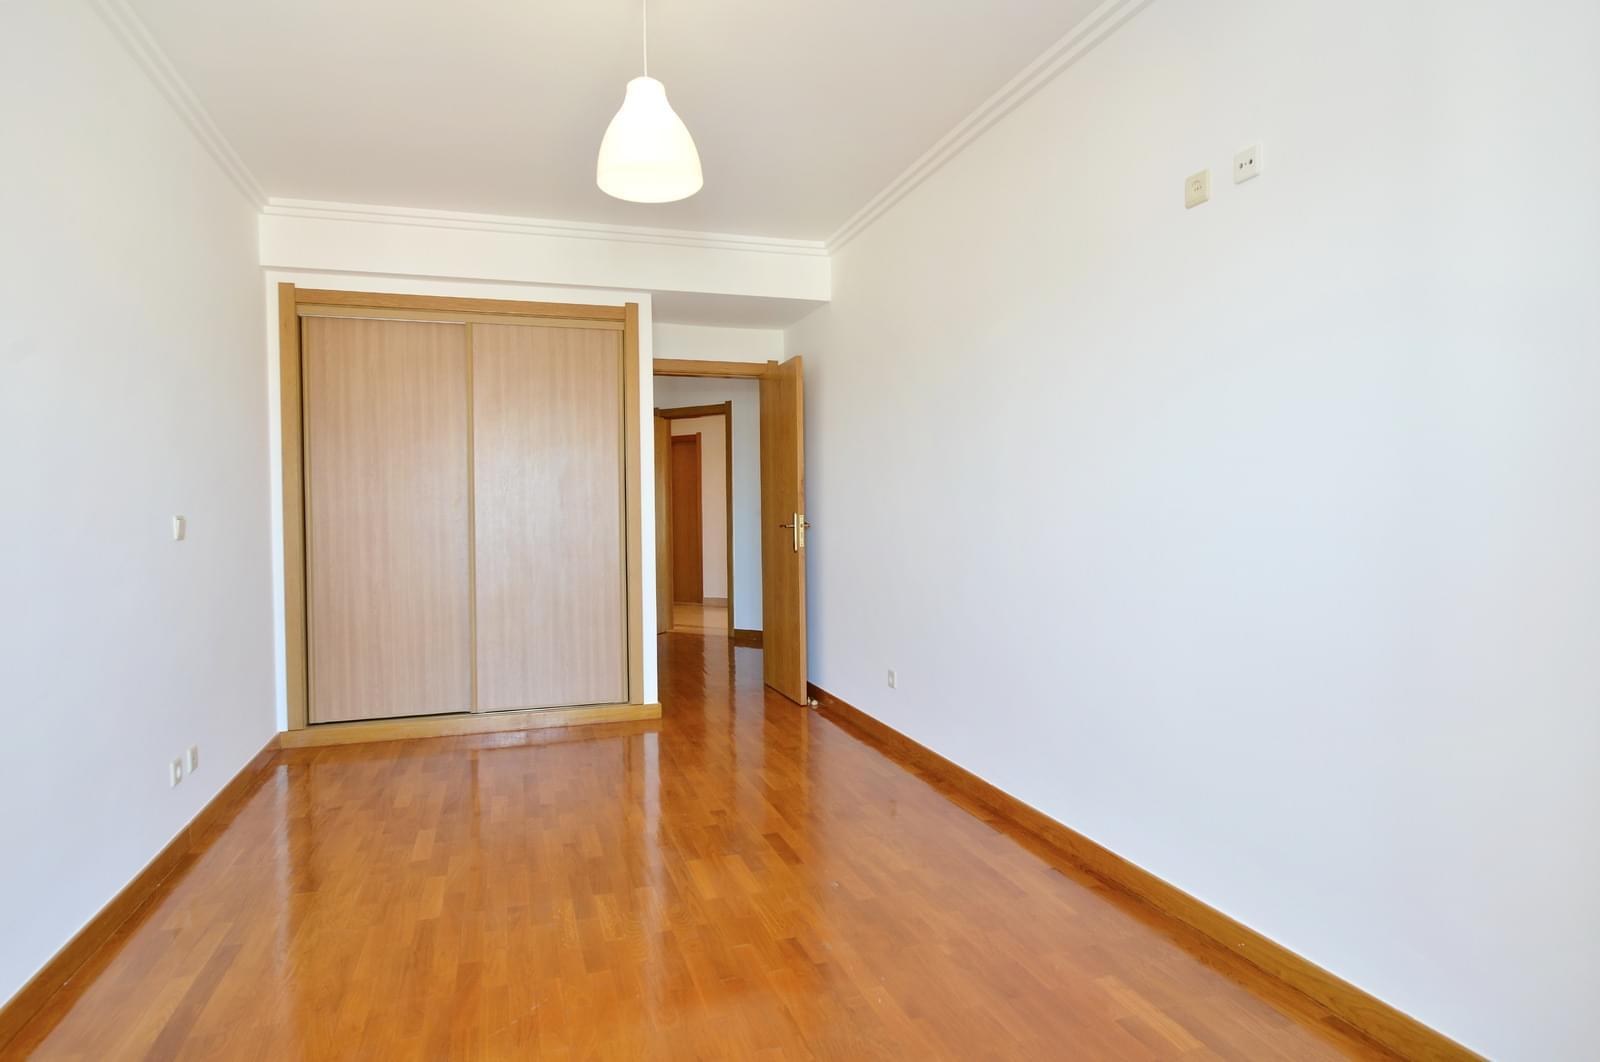 pf17174-apartamento-t3-oeiras-390f5f15-a448-4ac1-8481-4b1f4e917cb6